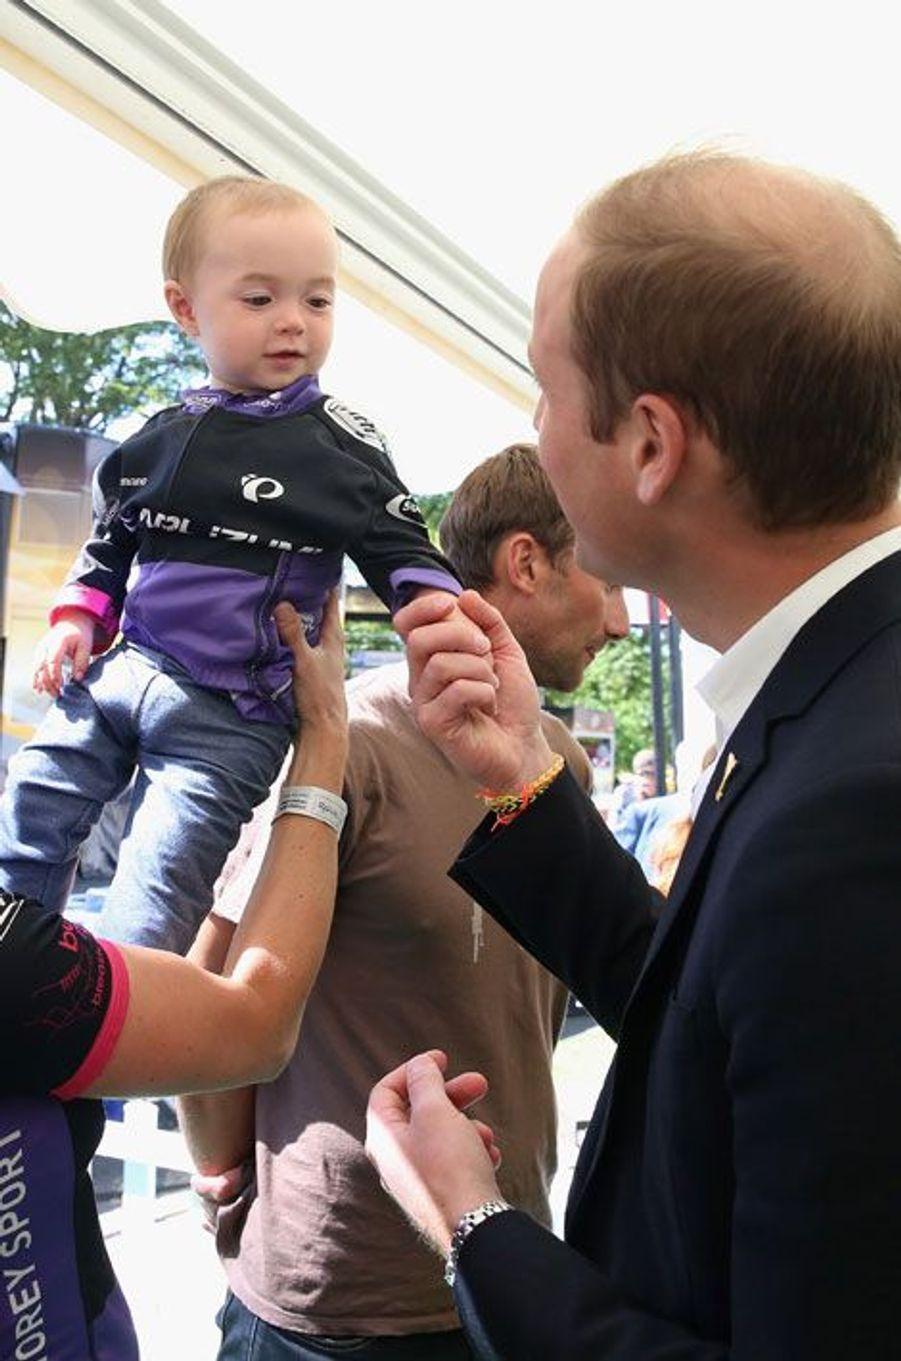 Près de la ligne d'arrivée à Harrogate, William fait connaissance avec Louise, la fille de la championne paralympique Sarah Storey.